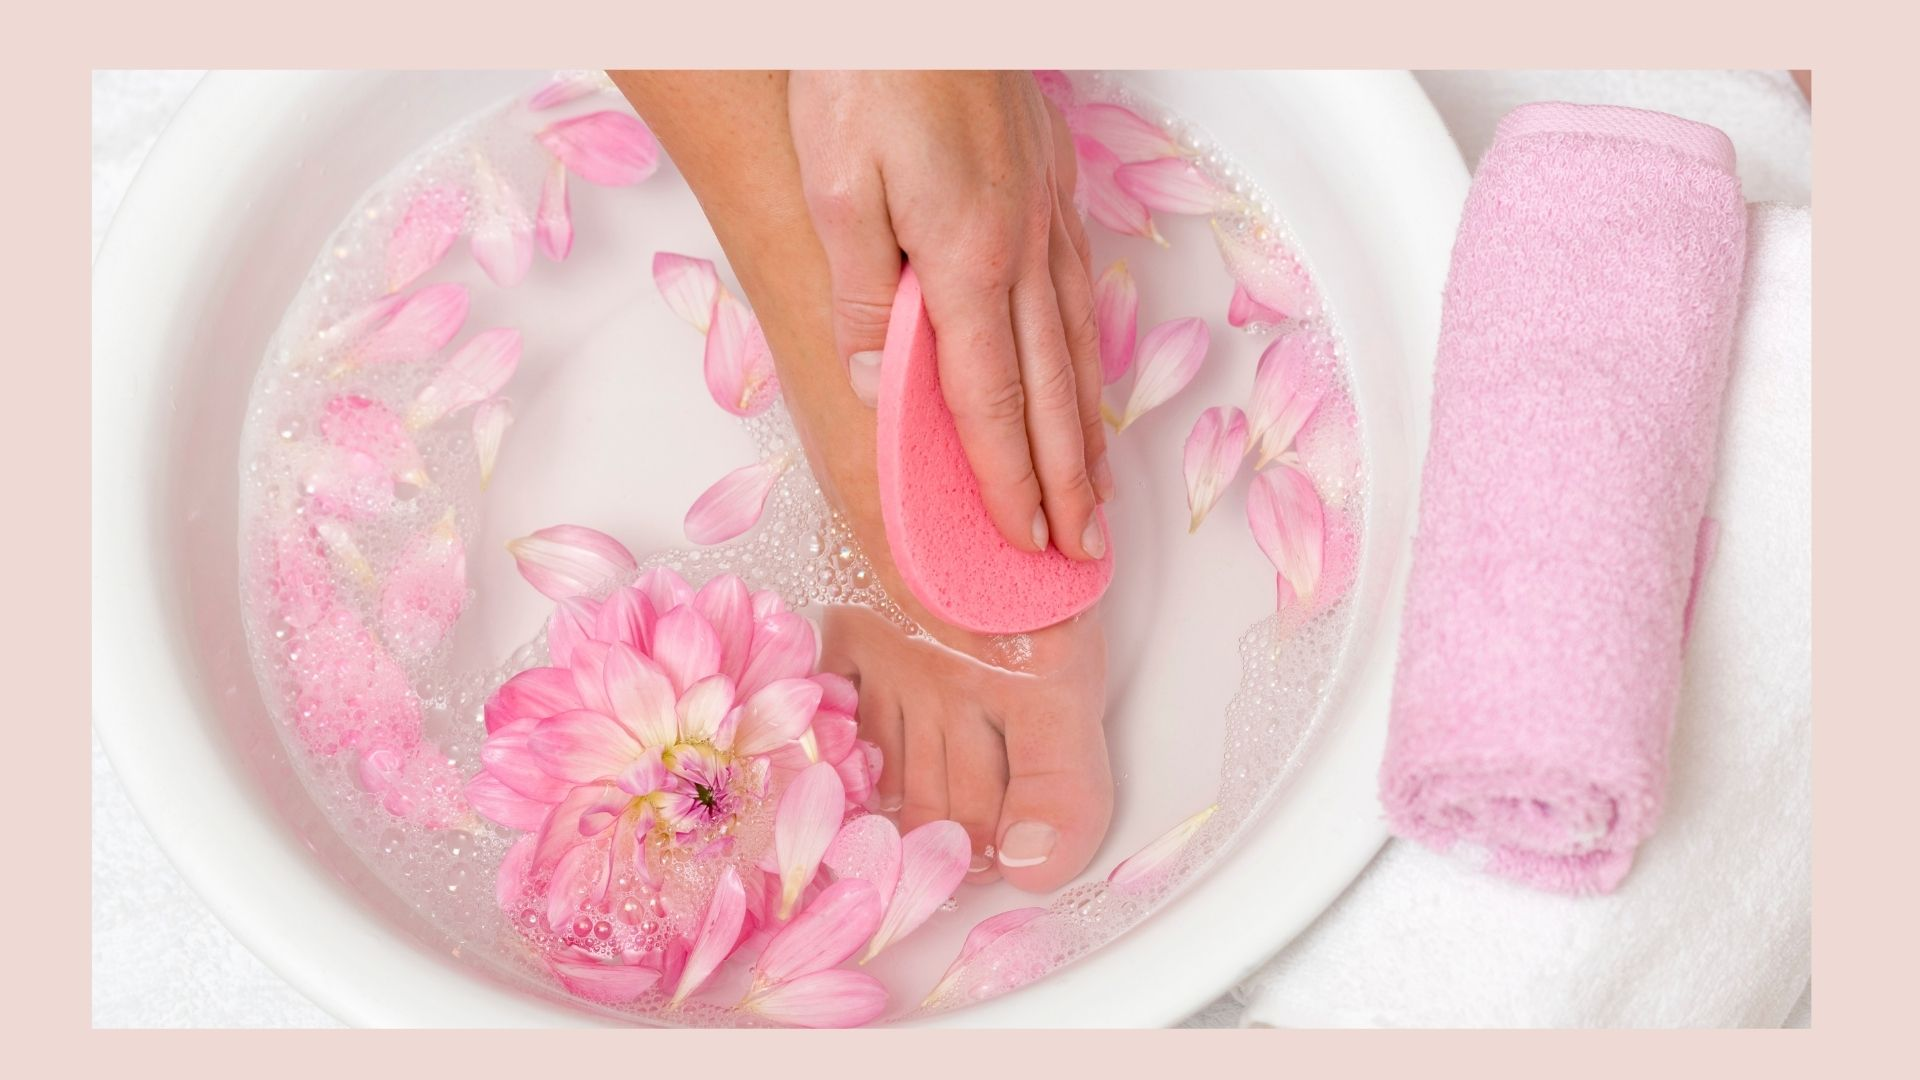 bain de pieds maison